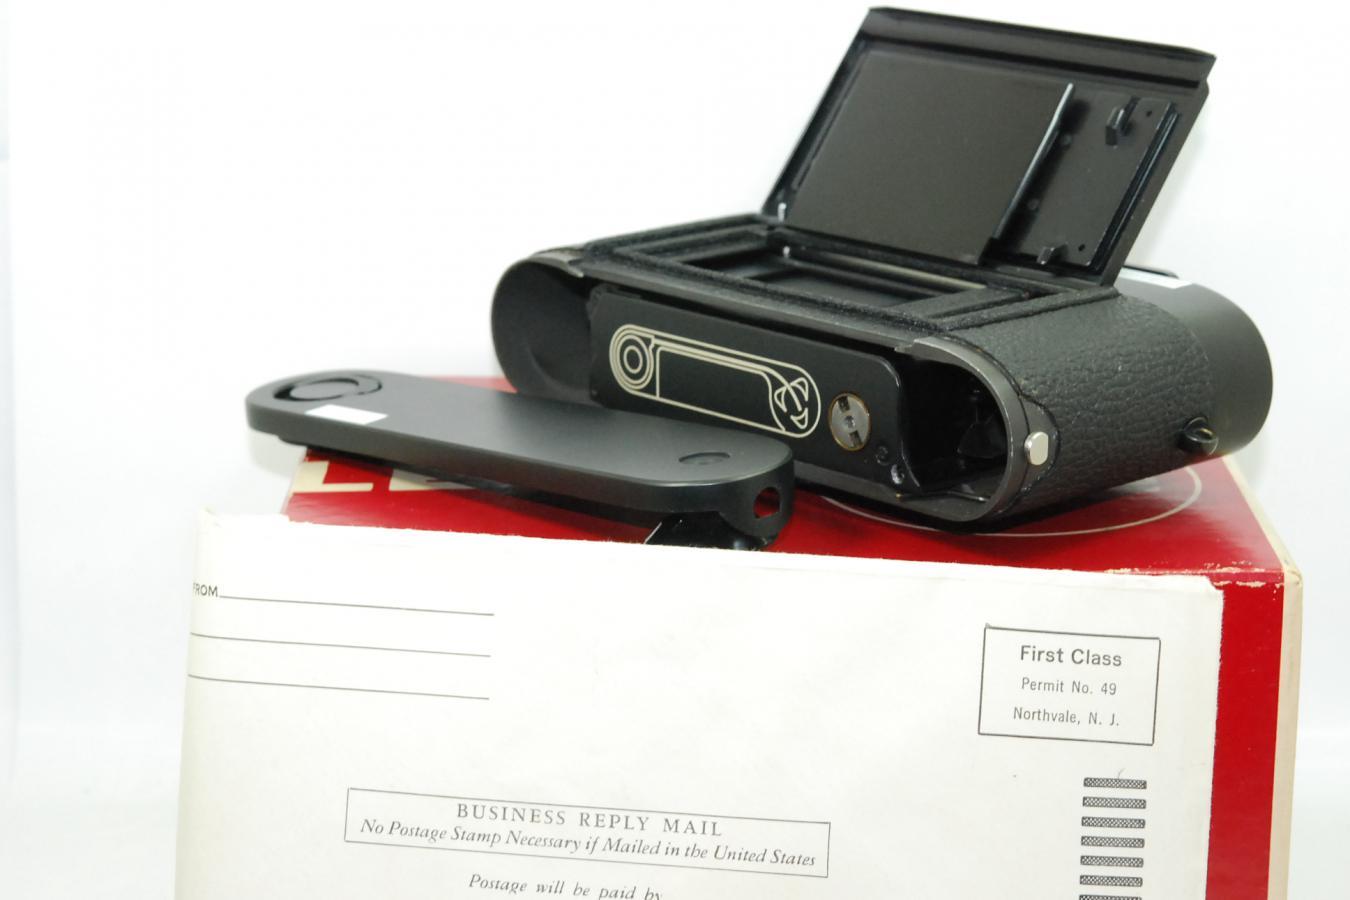 【コレクション向け 珍 品】 ライカ M4-2 148万台1977年製 最初期型 【ギャランティカード、取説、ストラップ、元箱付】 ※LeitzとWETZLAR刻印併記の最初期型の中でわずかな数のみ